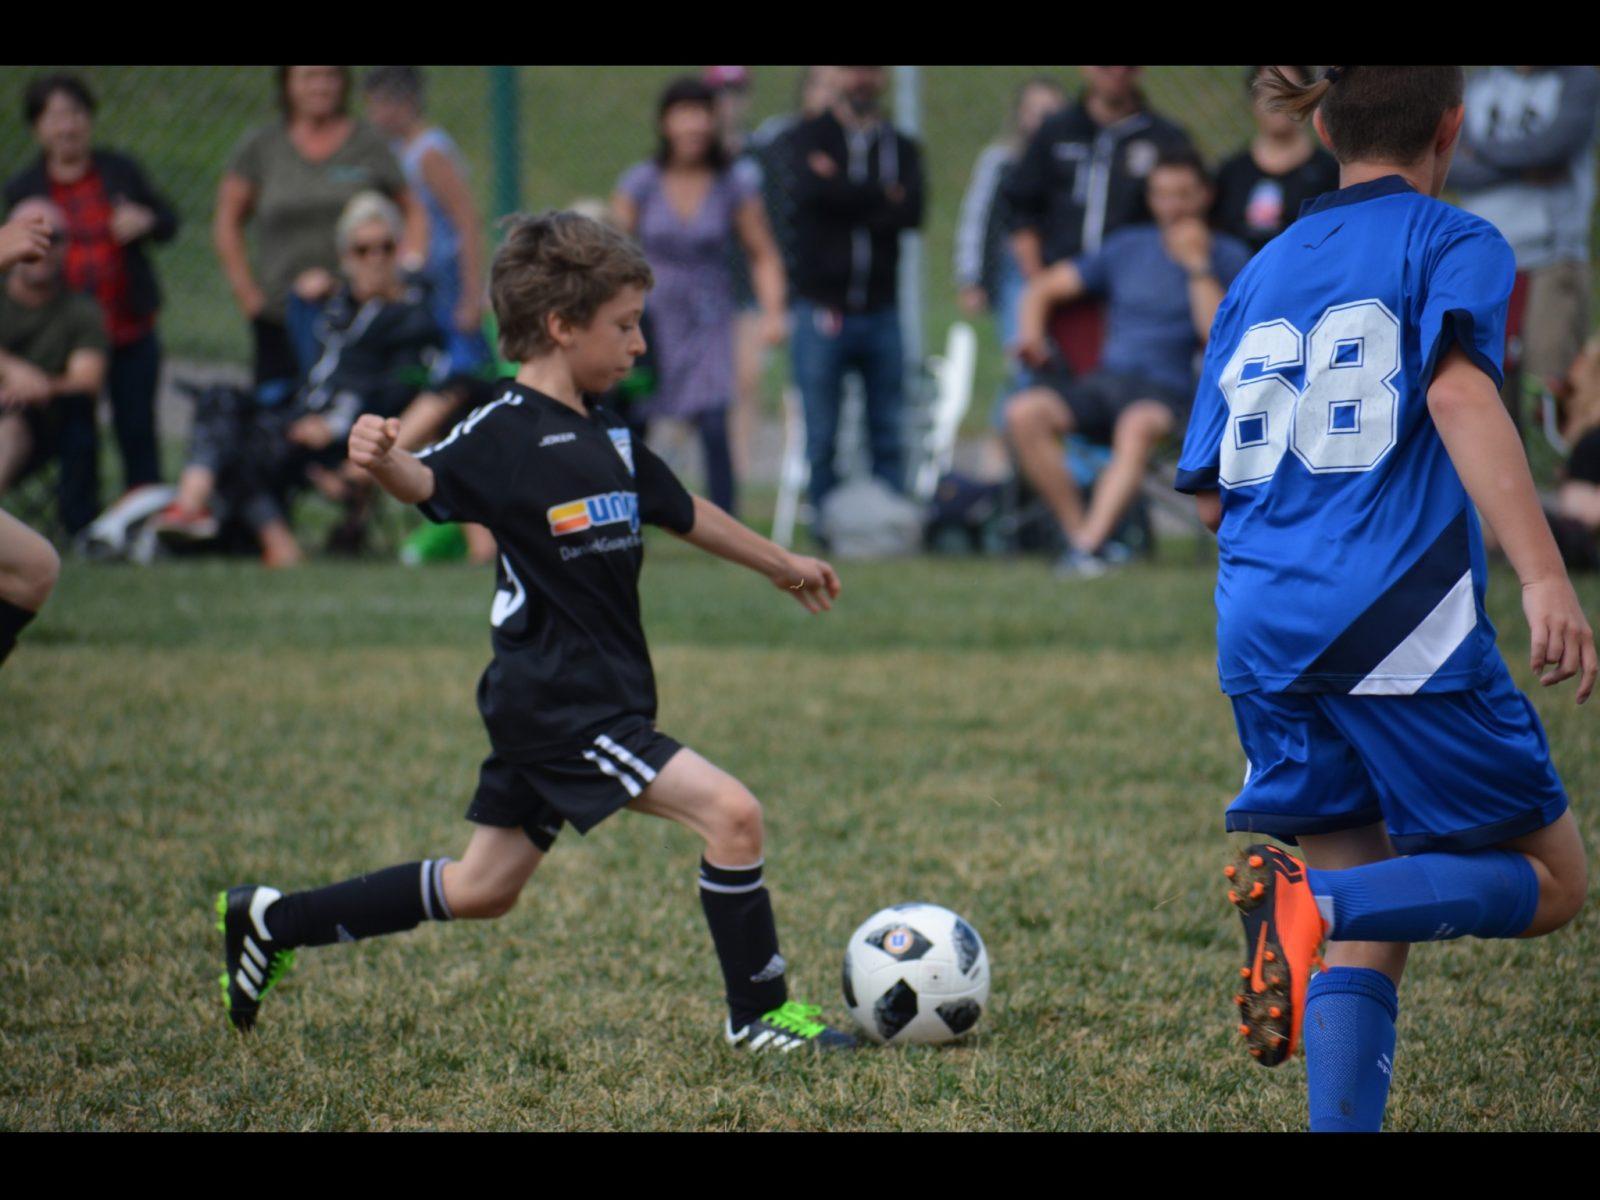 Le soccer en bonne santé à Roberval